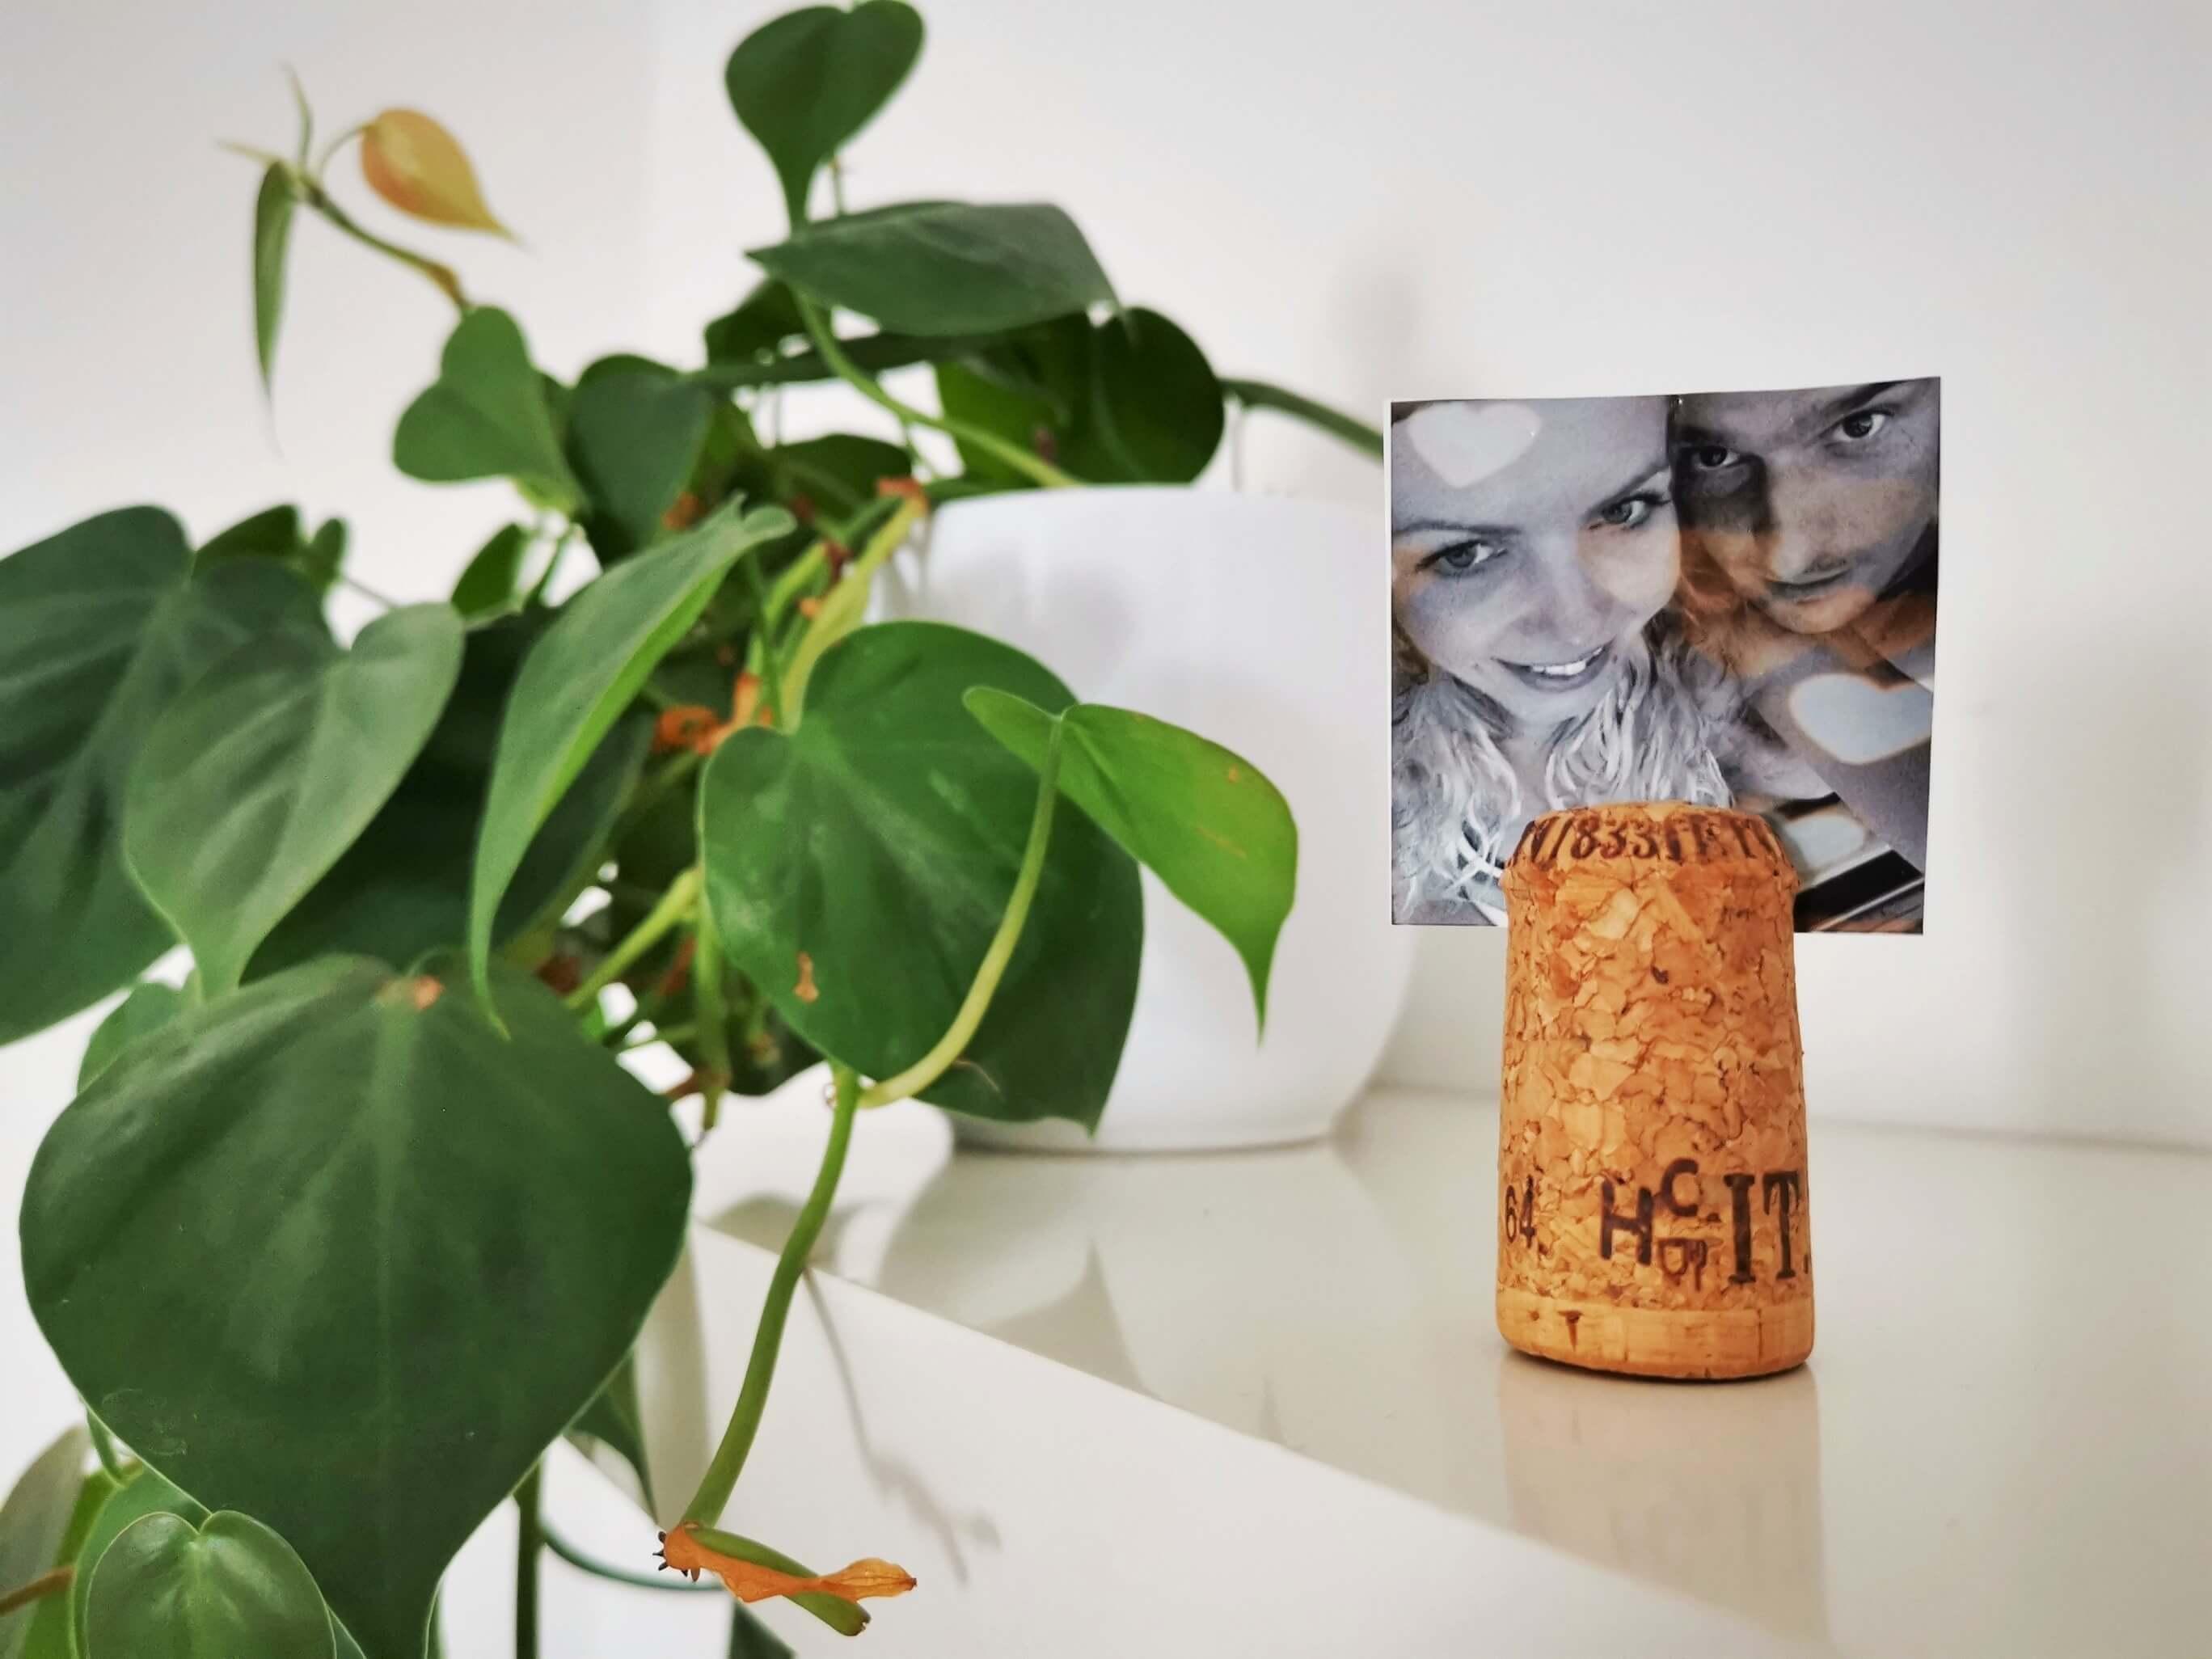 IMG 20190425 173330 02 resized 20190501 040414483 - Deko aus Müll: 5 Recycling-Ideen für ein schöneres Zuhause